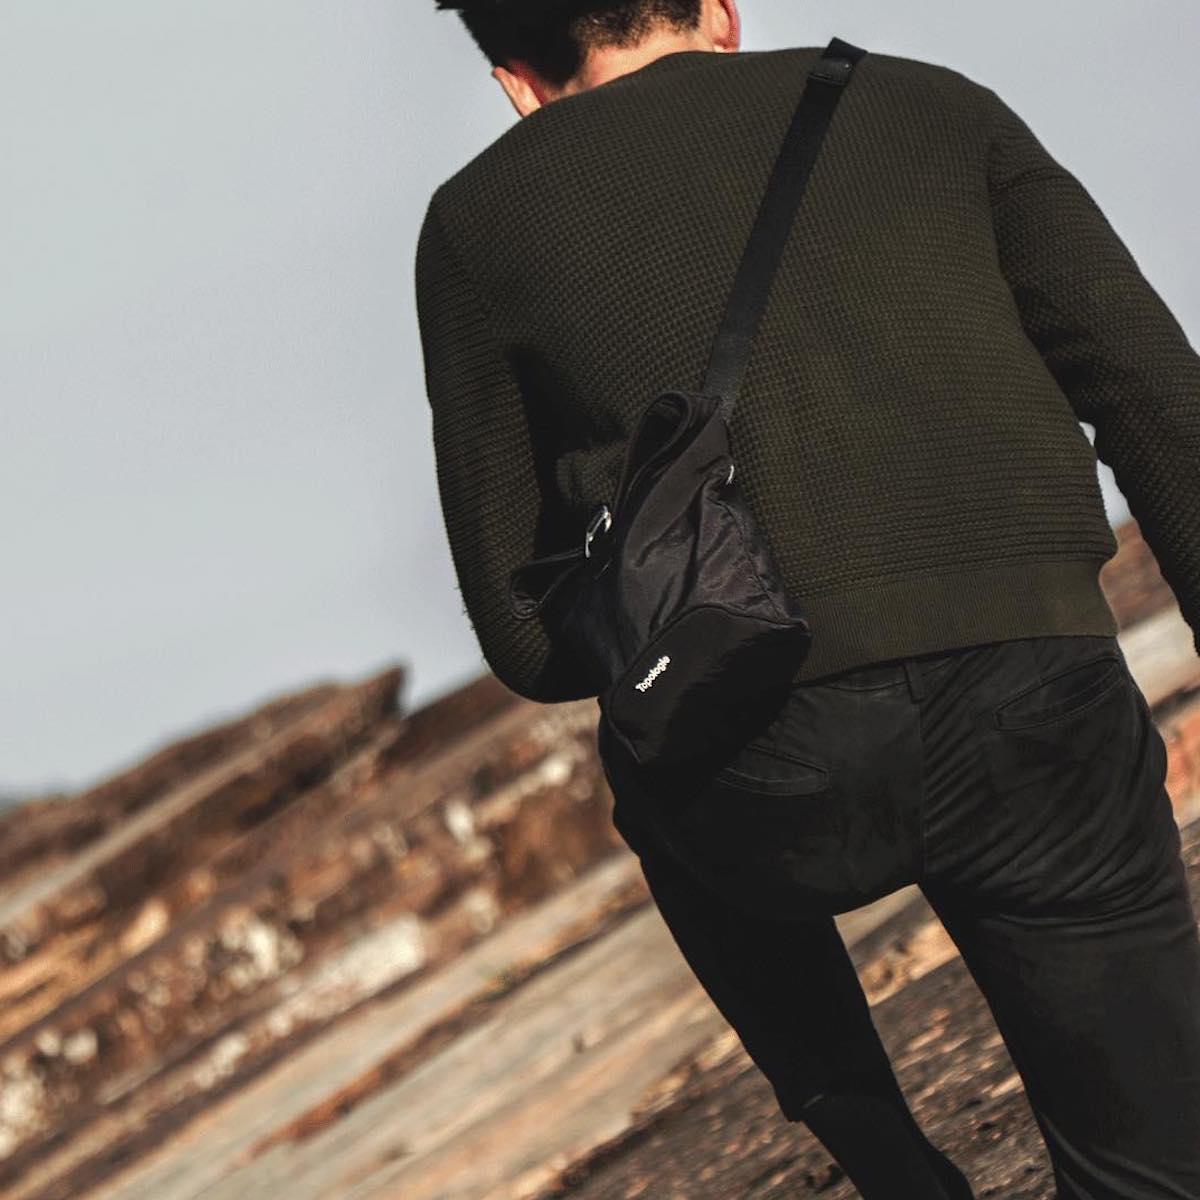 ①長時間背負っても快適!|超軽量、動きを邪魔しない、荷重を分散、ミニマムデザインの4WAYウエストバッグ | Topologie